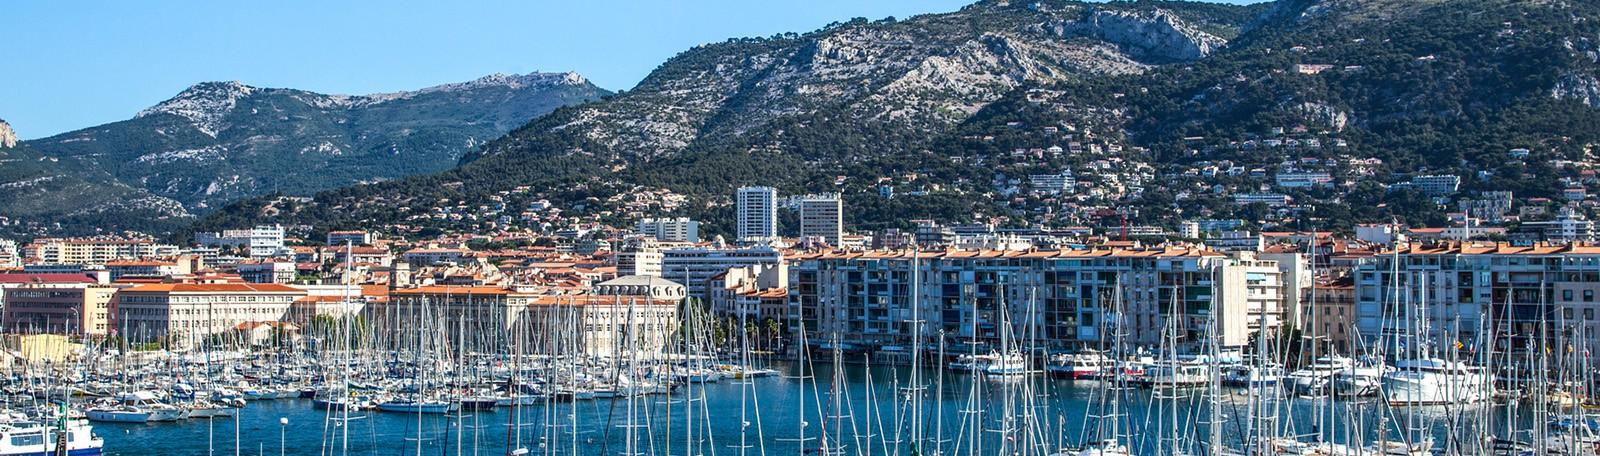 Car park Peiresc Marché - Park in Toulon | Q-Park